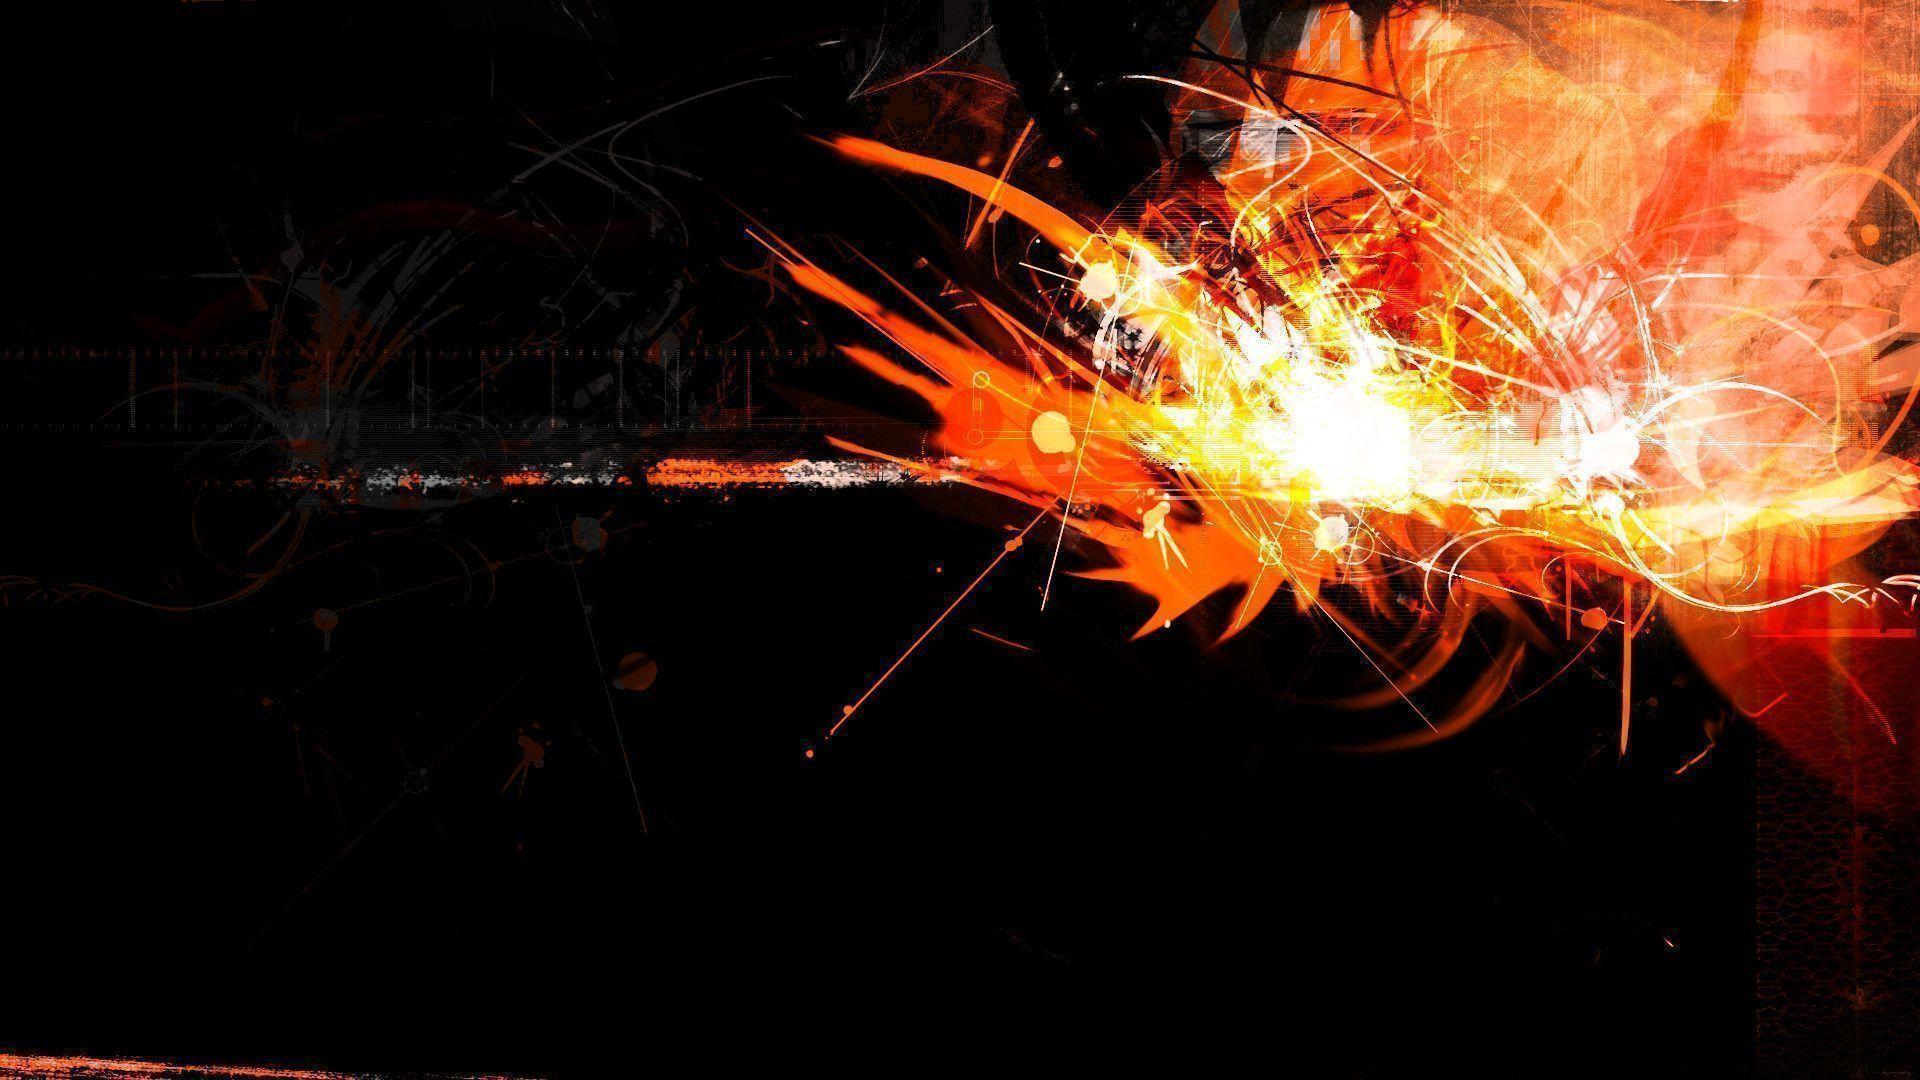 Black And Orange Wallpaper 3907 Wallpapers | hdesktopict.